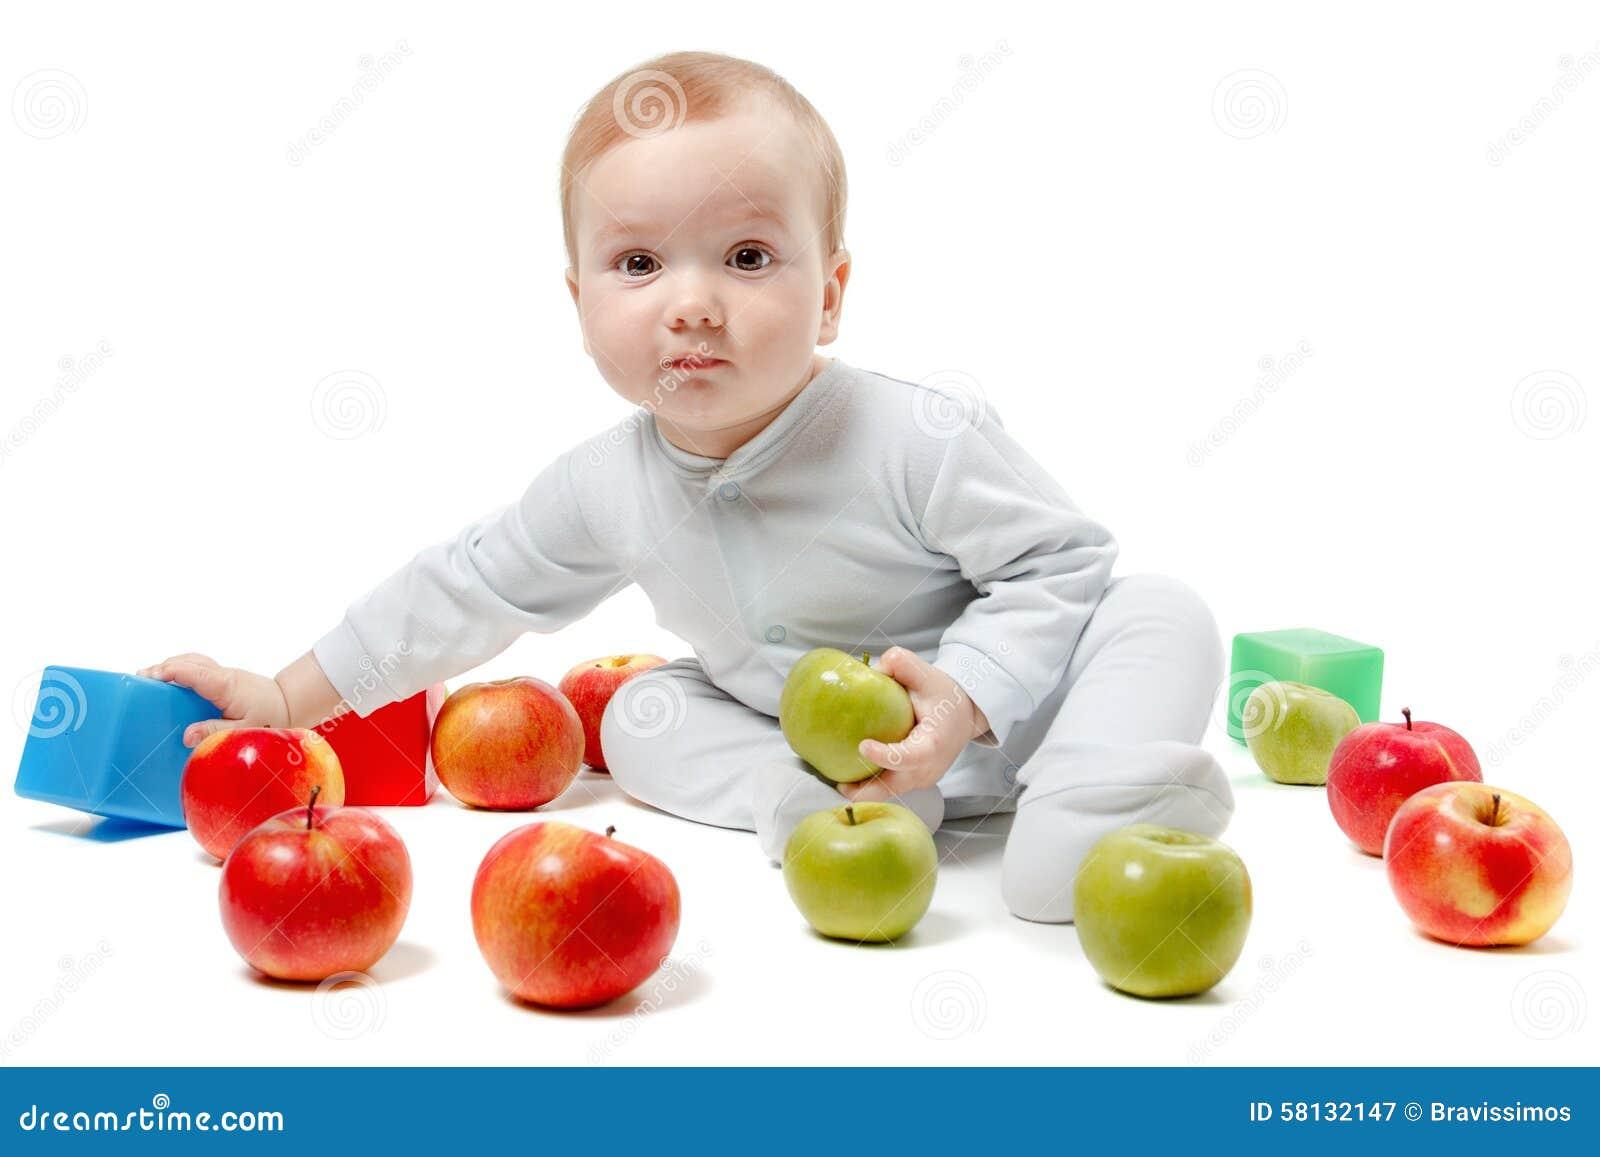 Младенец играет с яблоками и игрушками Портрет студии, изолированный на белой предпосылке